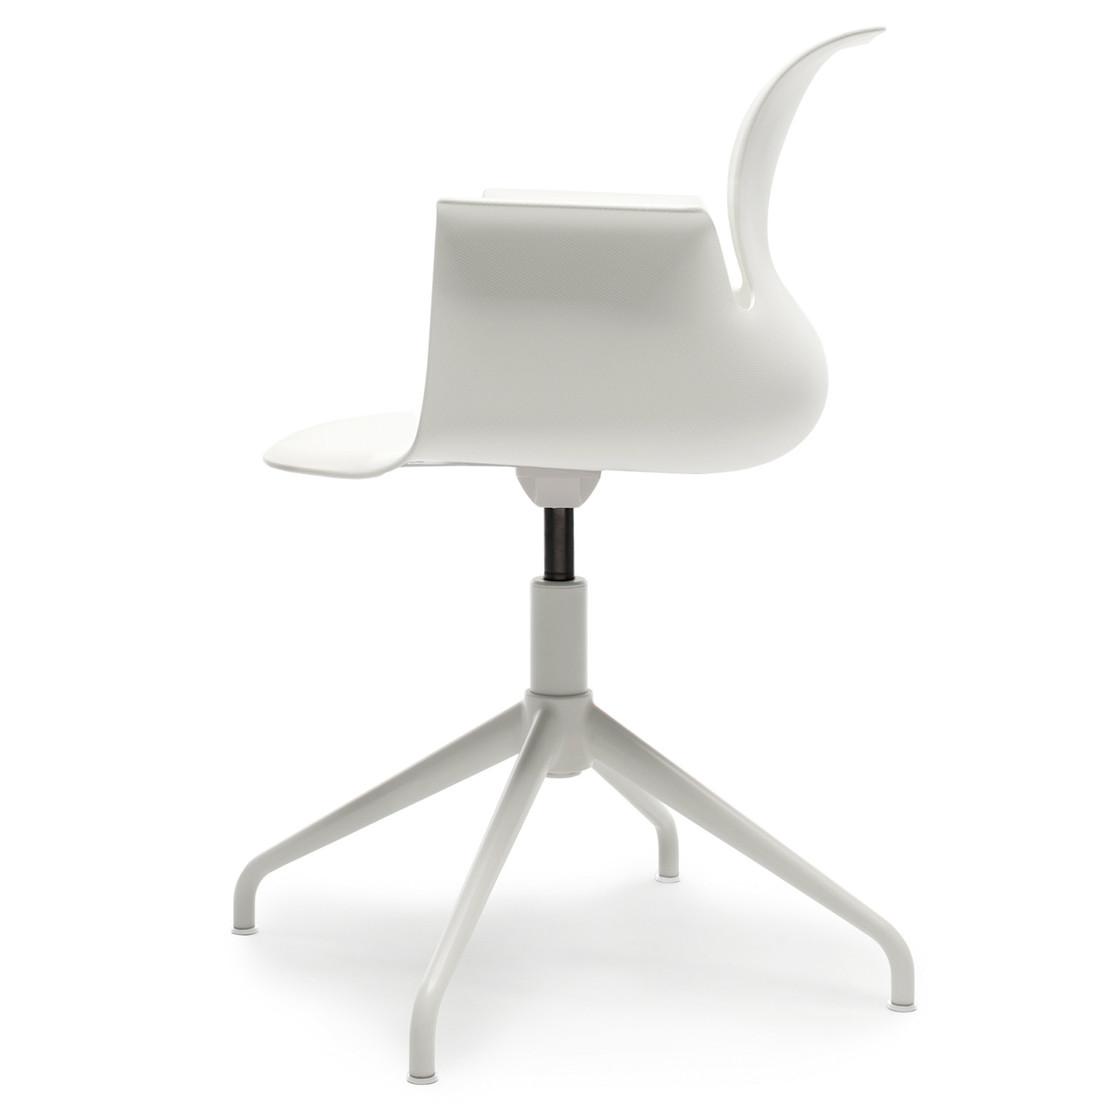 Kleiderschrank designpreis  PRO ARMCHAIR Vierstern-Aluminiumgestell   Flötotto Shop